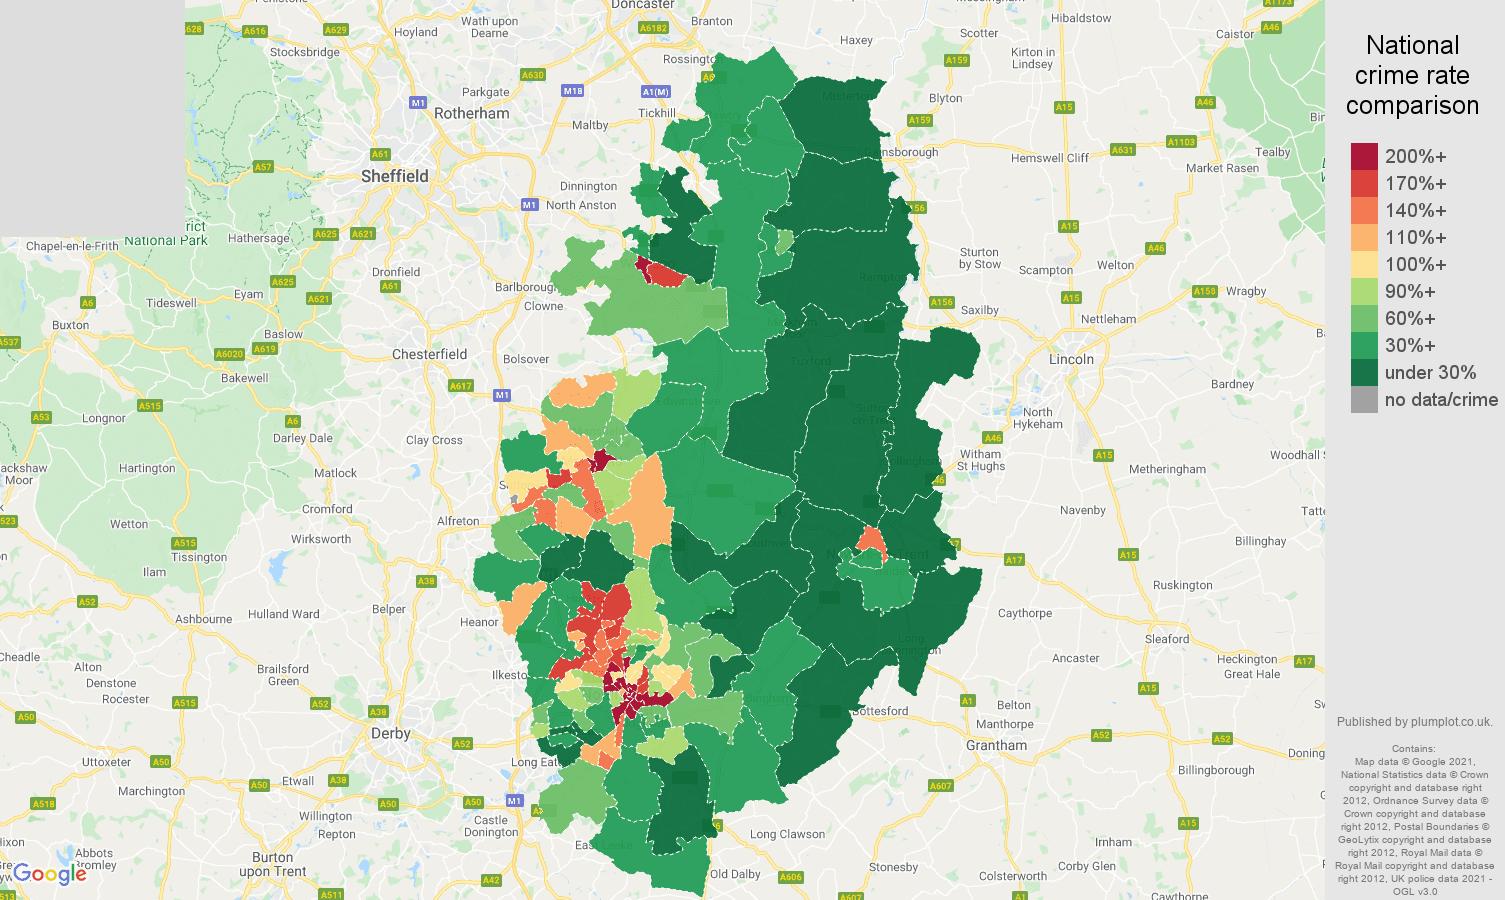 Nottinghamshire drugs crime rate comparison map